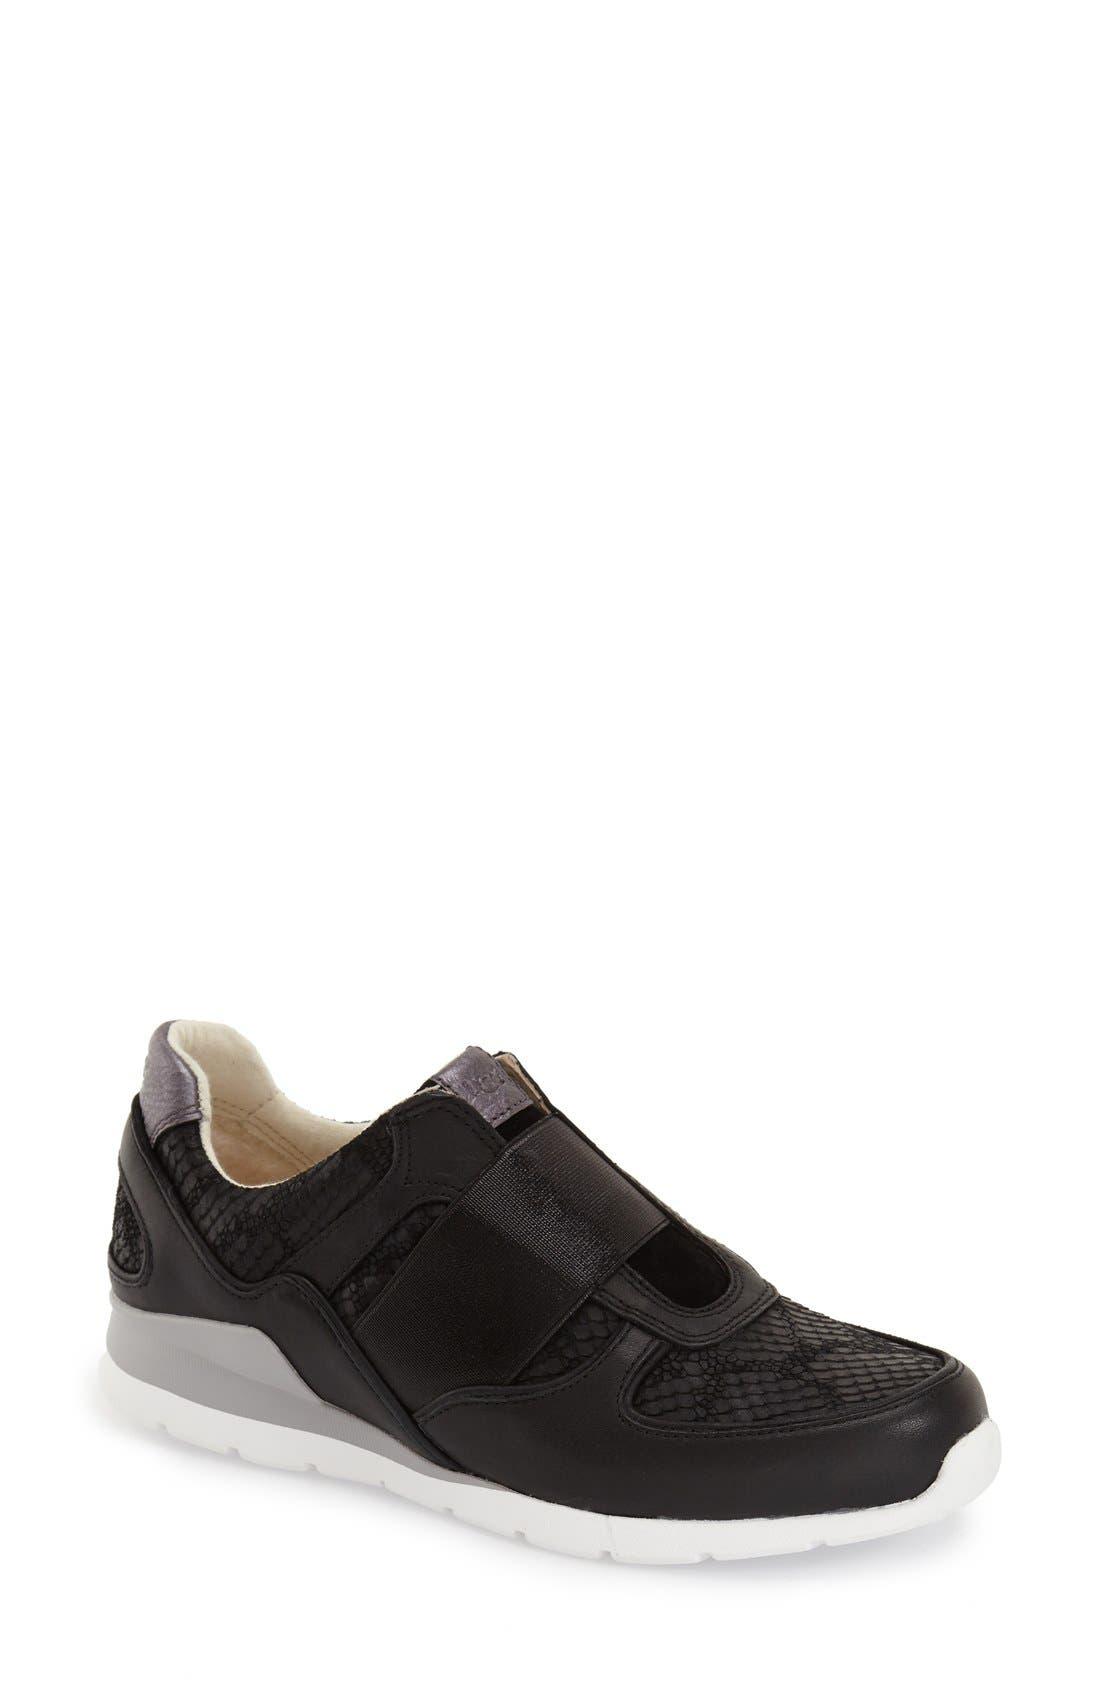 Main Image - UGG® 'Annetta' Slip-On Sneaker (Women)